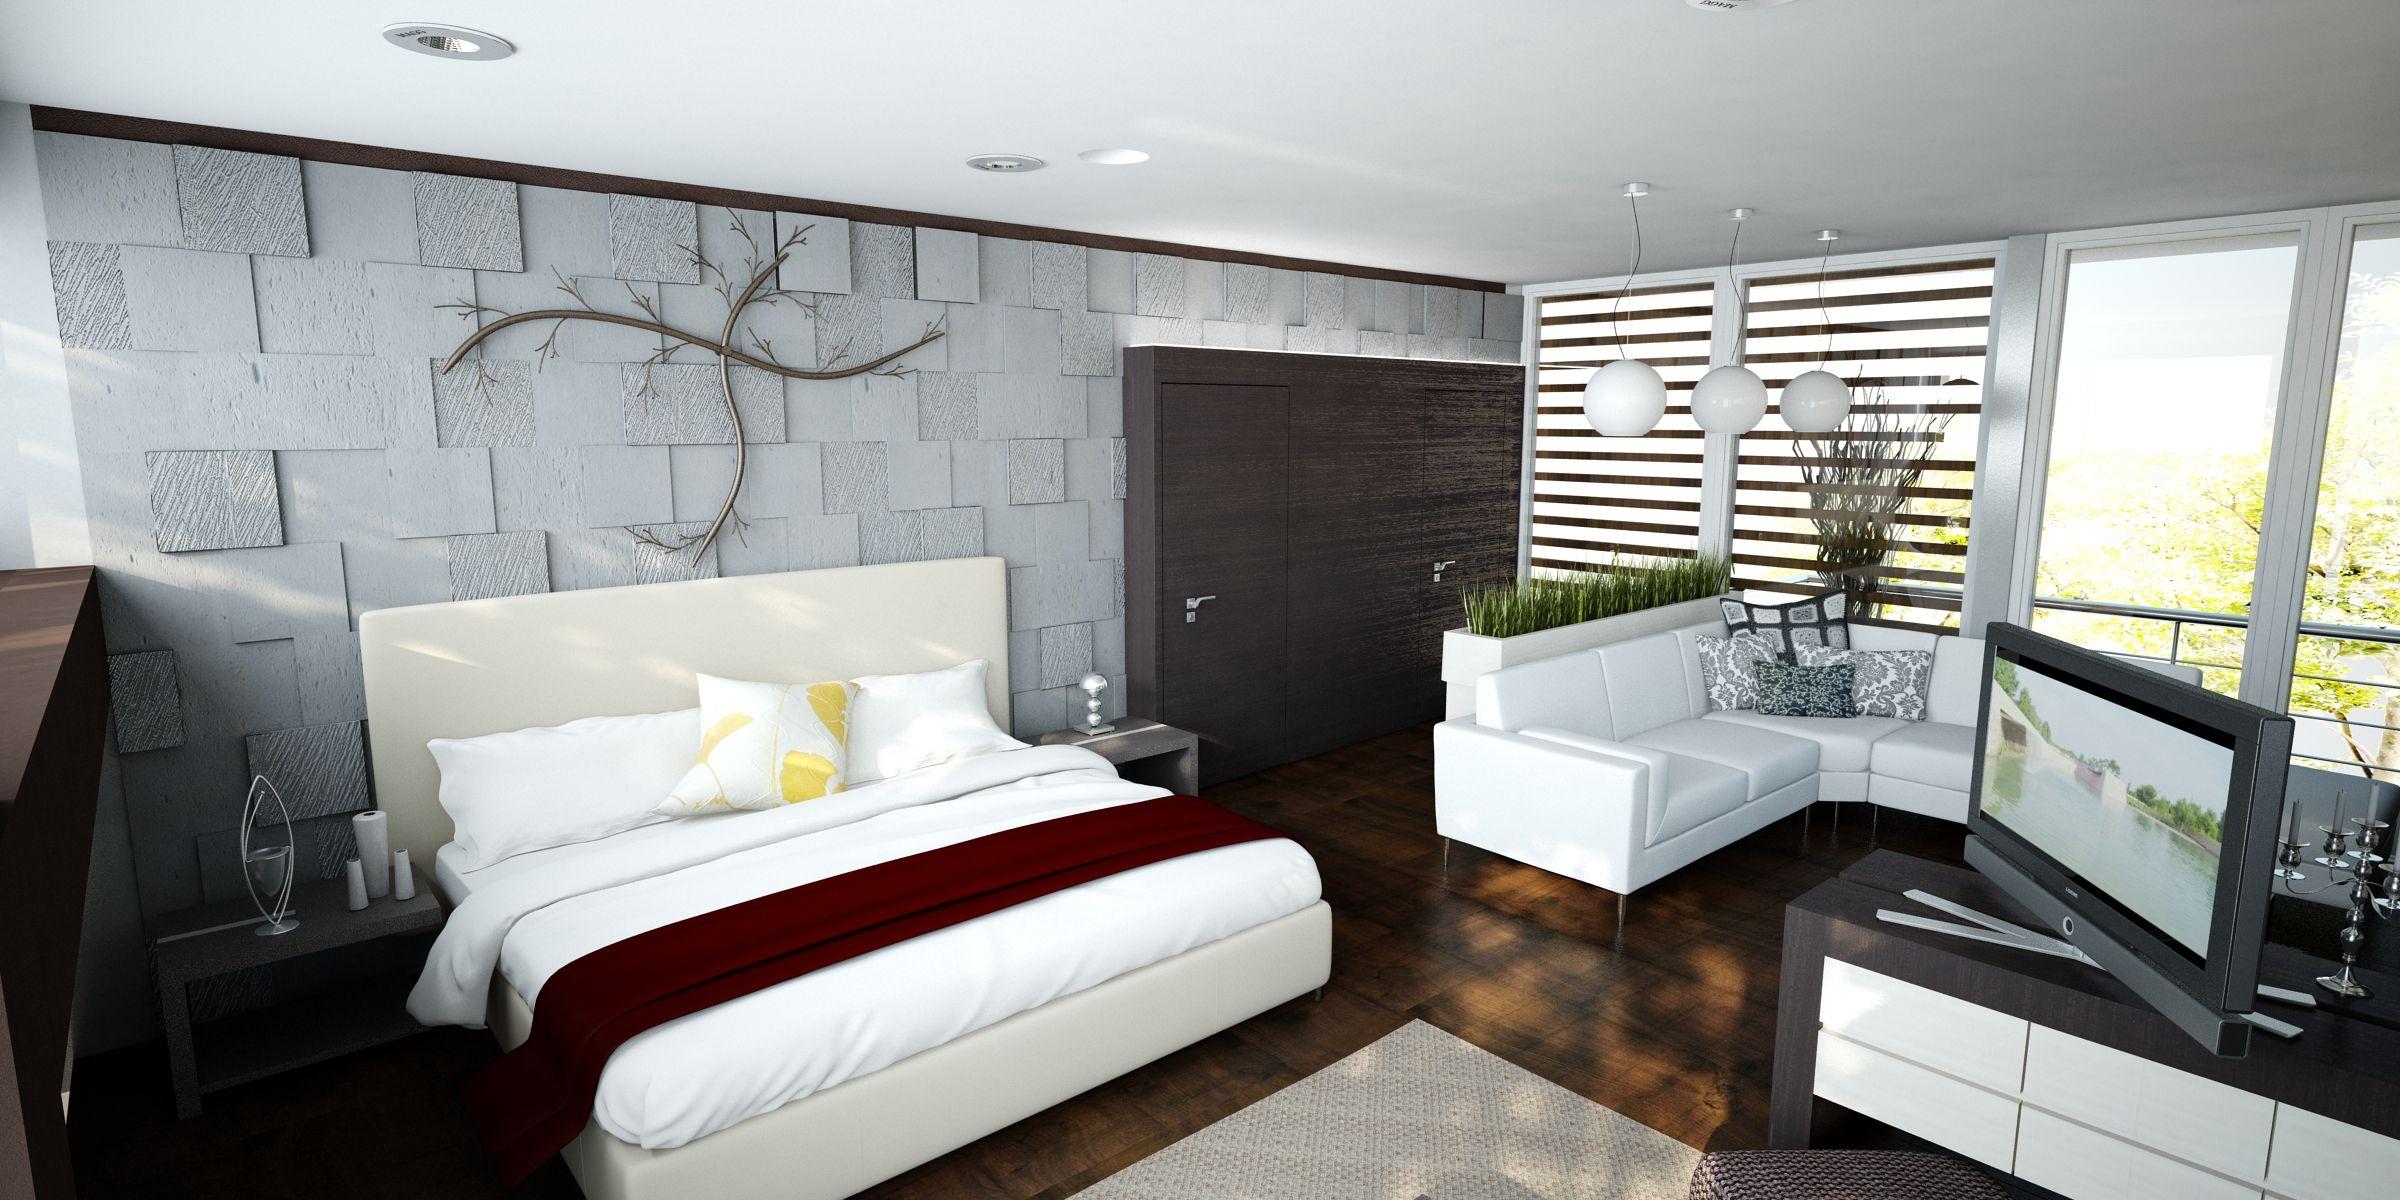 Un dise o interior basado en el uso de cantera gris de los for Diseno paredes interiores